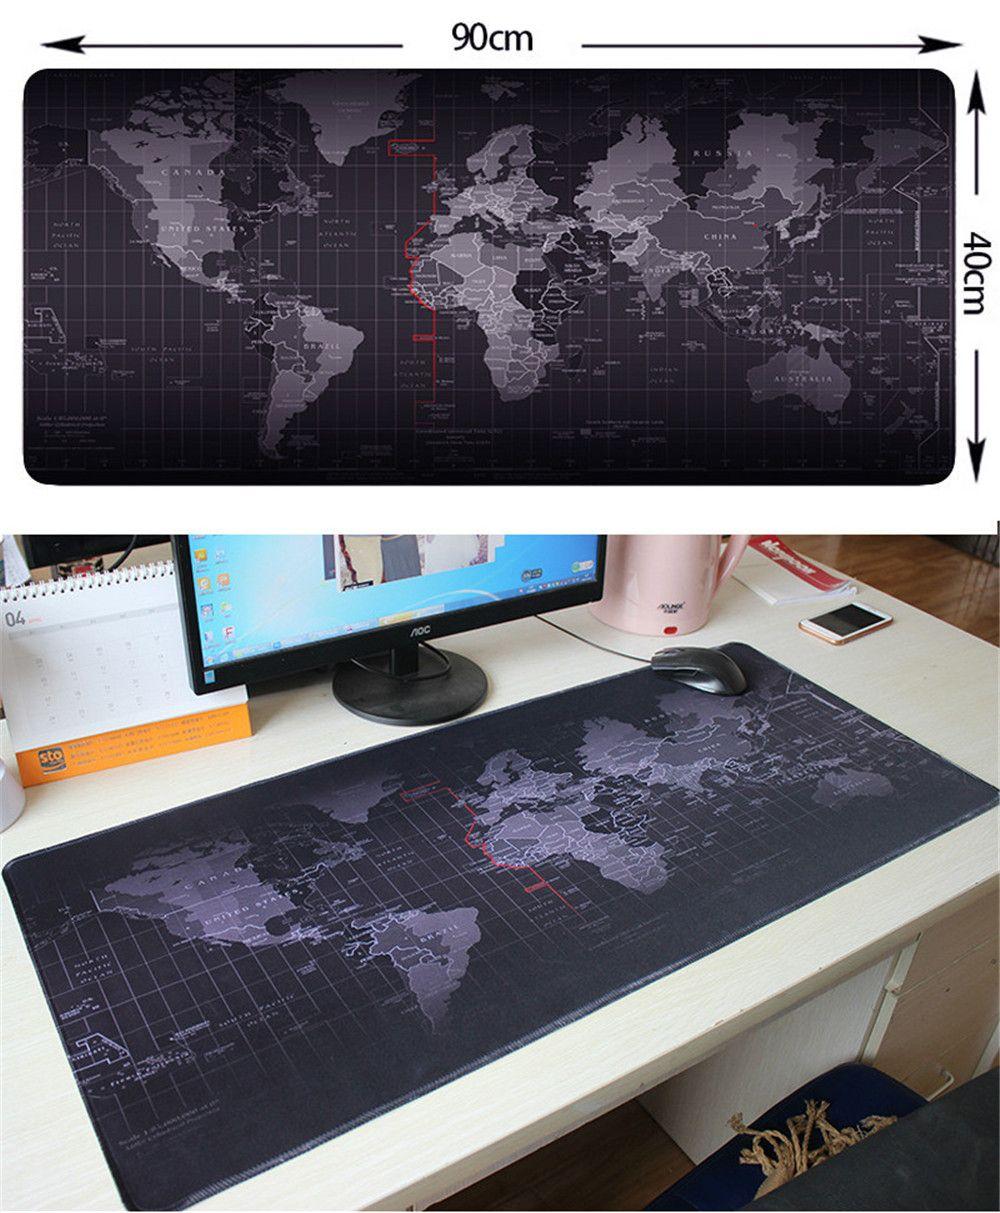 المحمولة أضعاف خريطة العالم الماوس الوسادات mousepad ألعاب كبير نقاط كبيرة فأرة الكومبيوتر مكتب حصيرة مكتب حصيرة لوحة المفاتيح لوحة Mause الوسادة لعبة